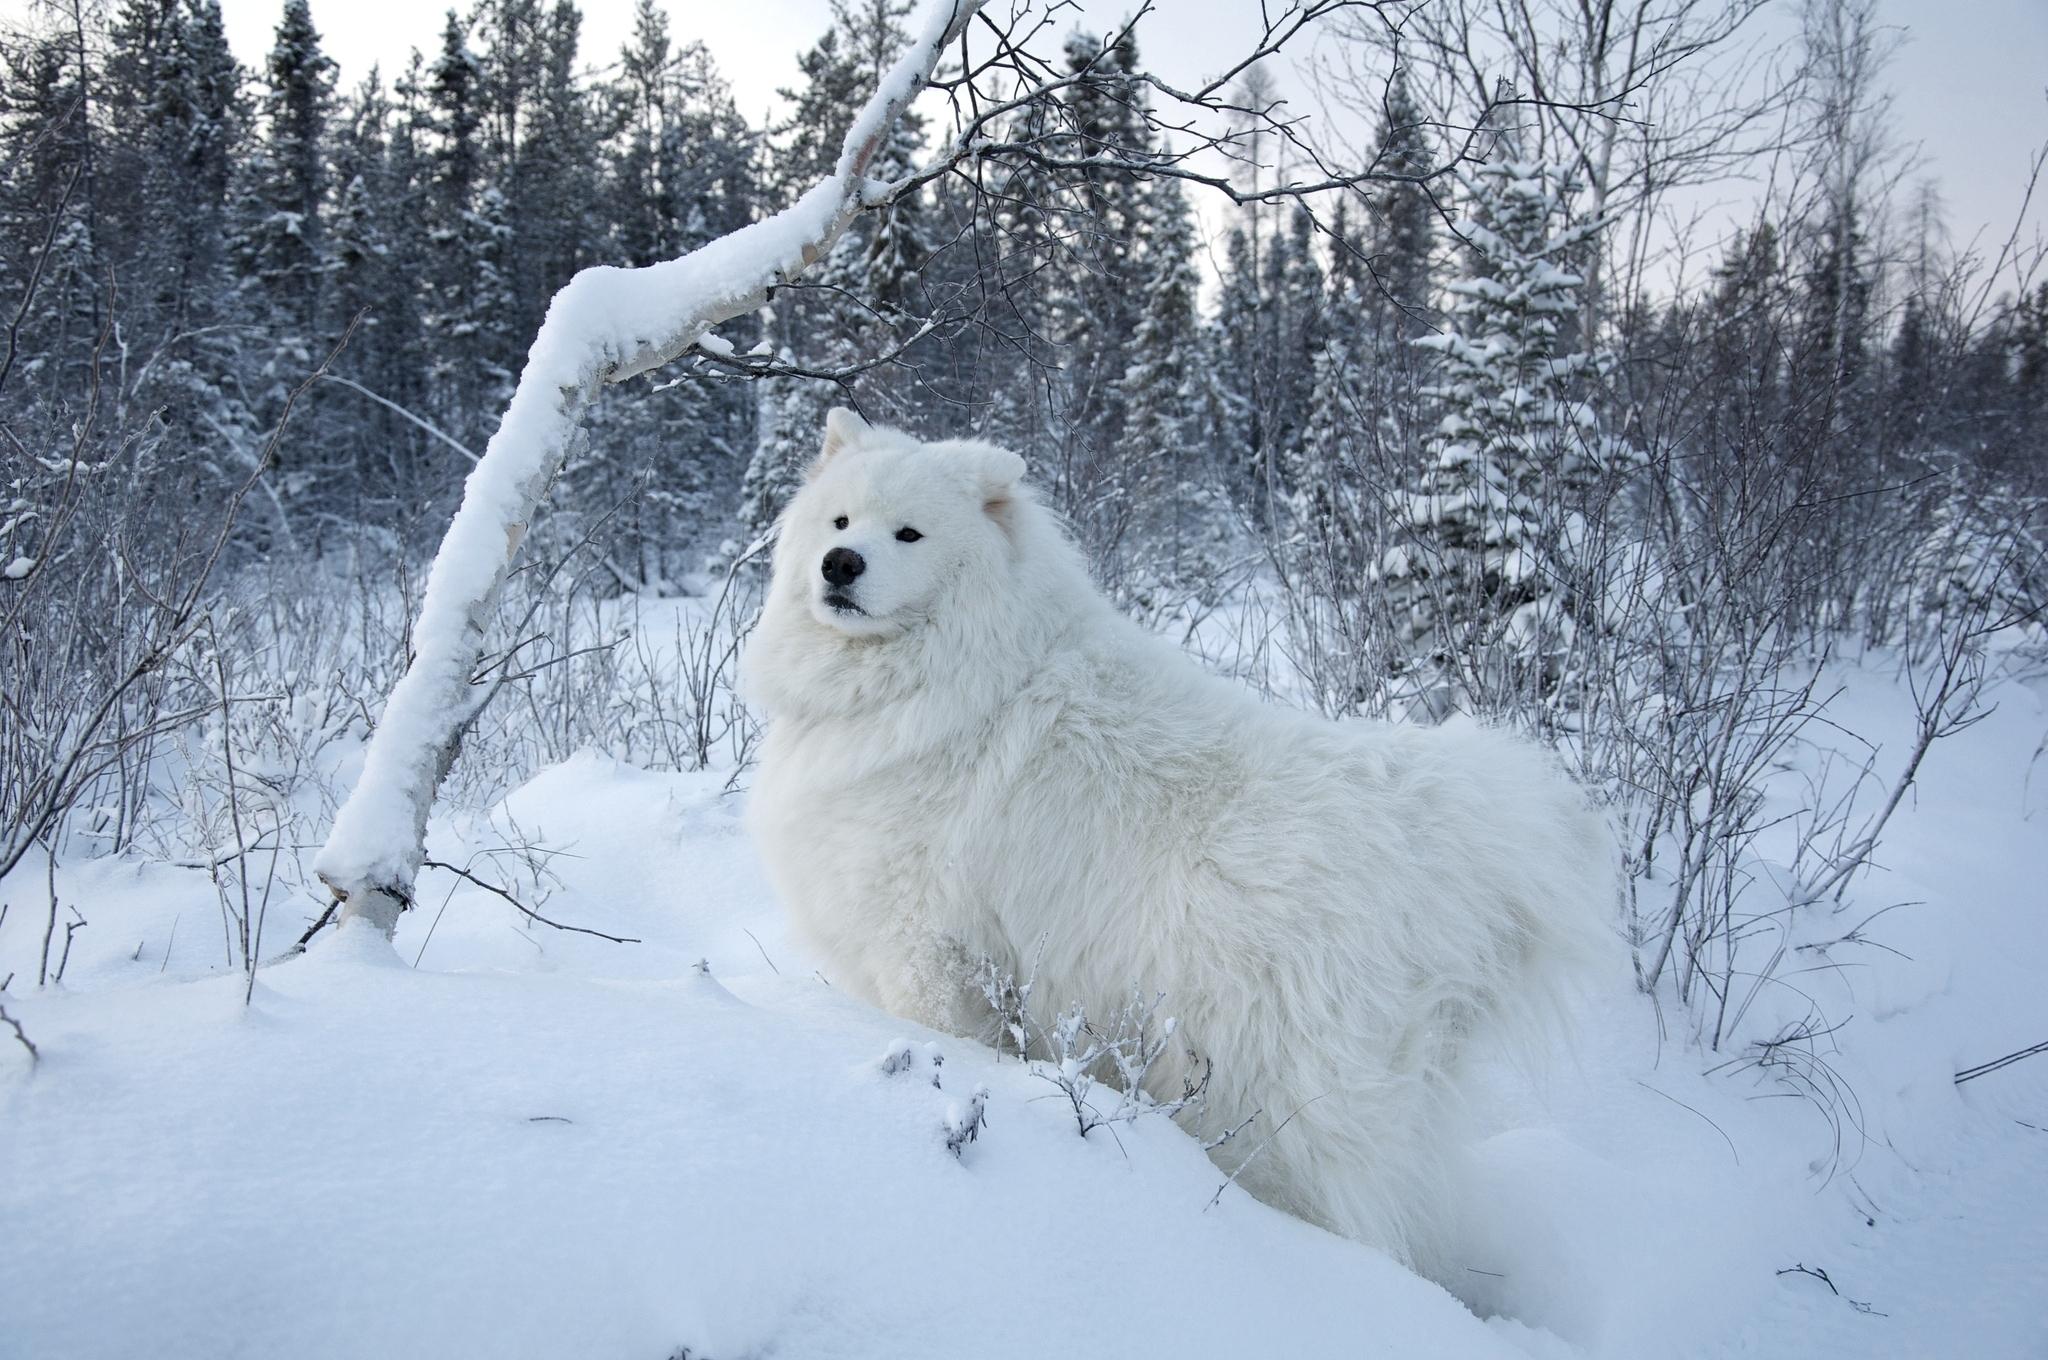 Fonds d 39 ecran chien saison hiver blanc neige duveteux for Fond ecran hiver animaux